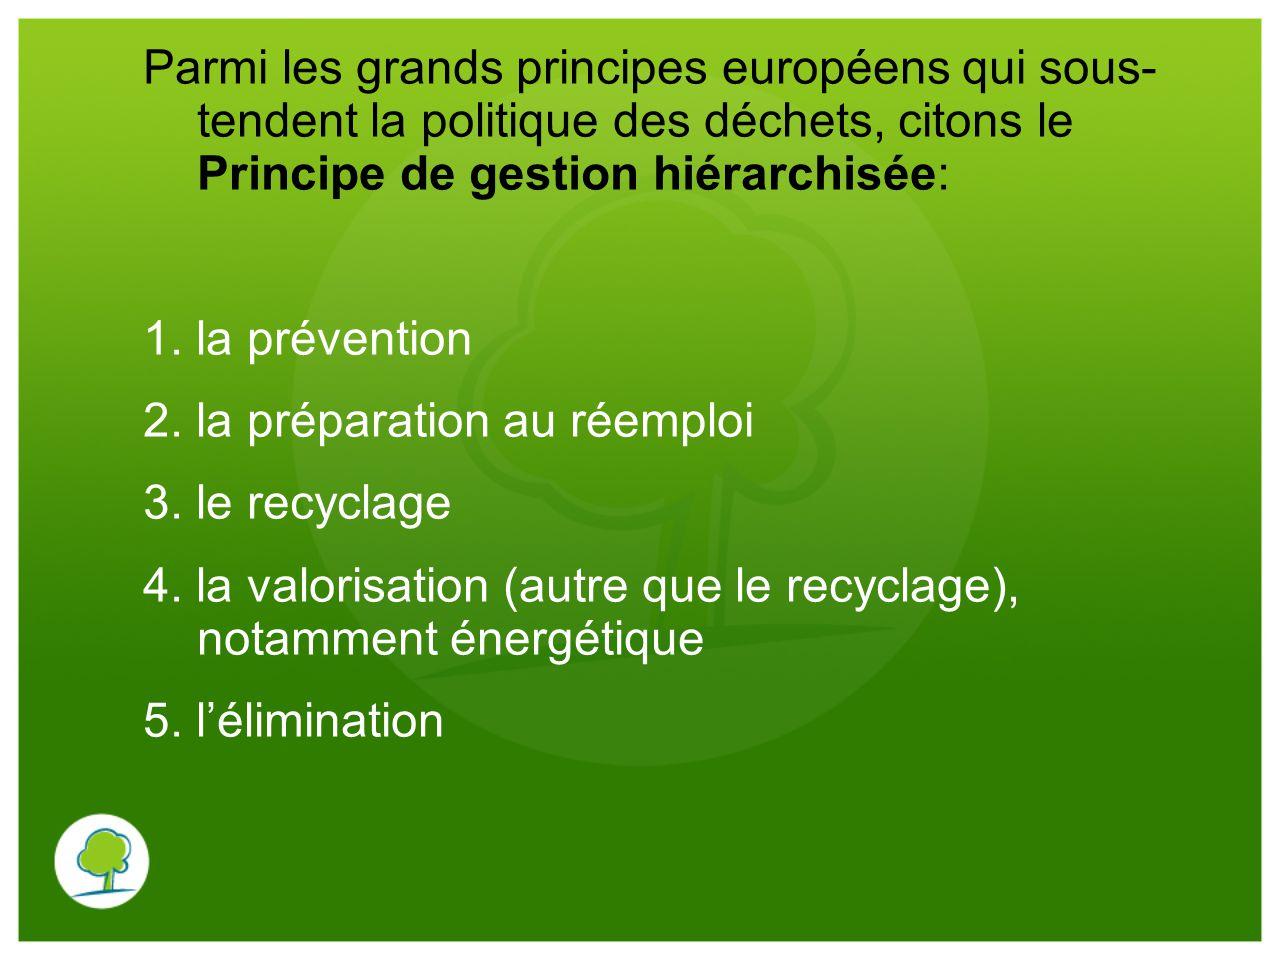 Parmi les grands principes européens qui sous- tendent la politique des déchets, citons le Principe de gestion hiérarchisée: 1. la prévention 2. la pr